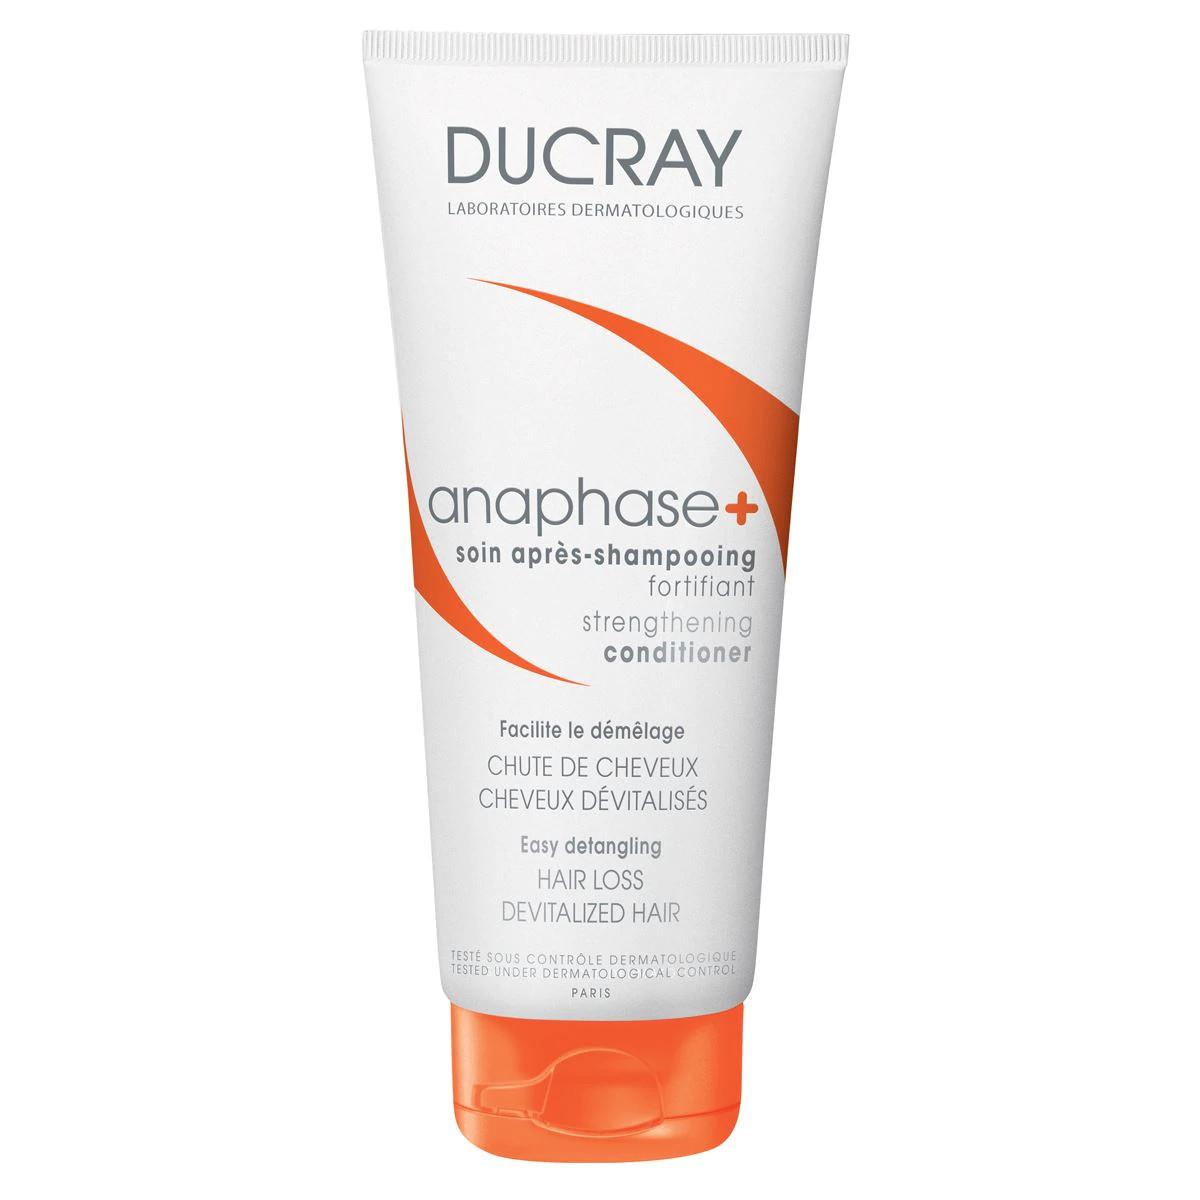 Comprar Ducray Anaphase Plus Y Acondicionador Fort 200Ml 1 Botella Acondicionador 200 Ml